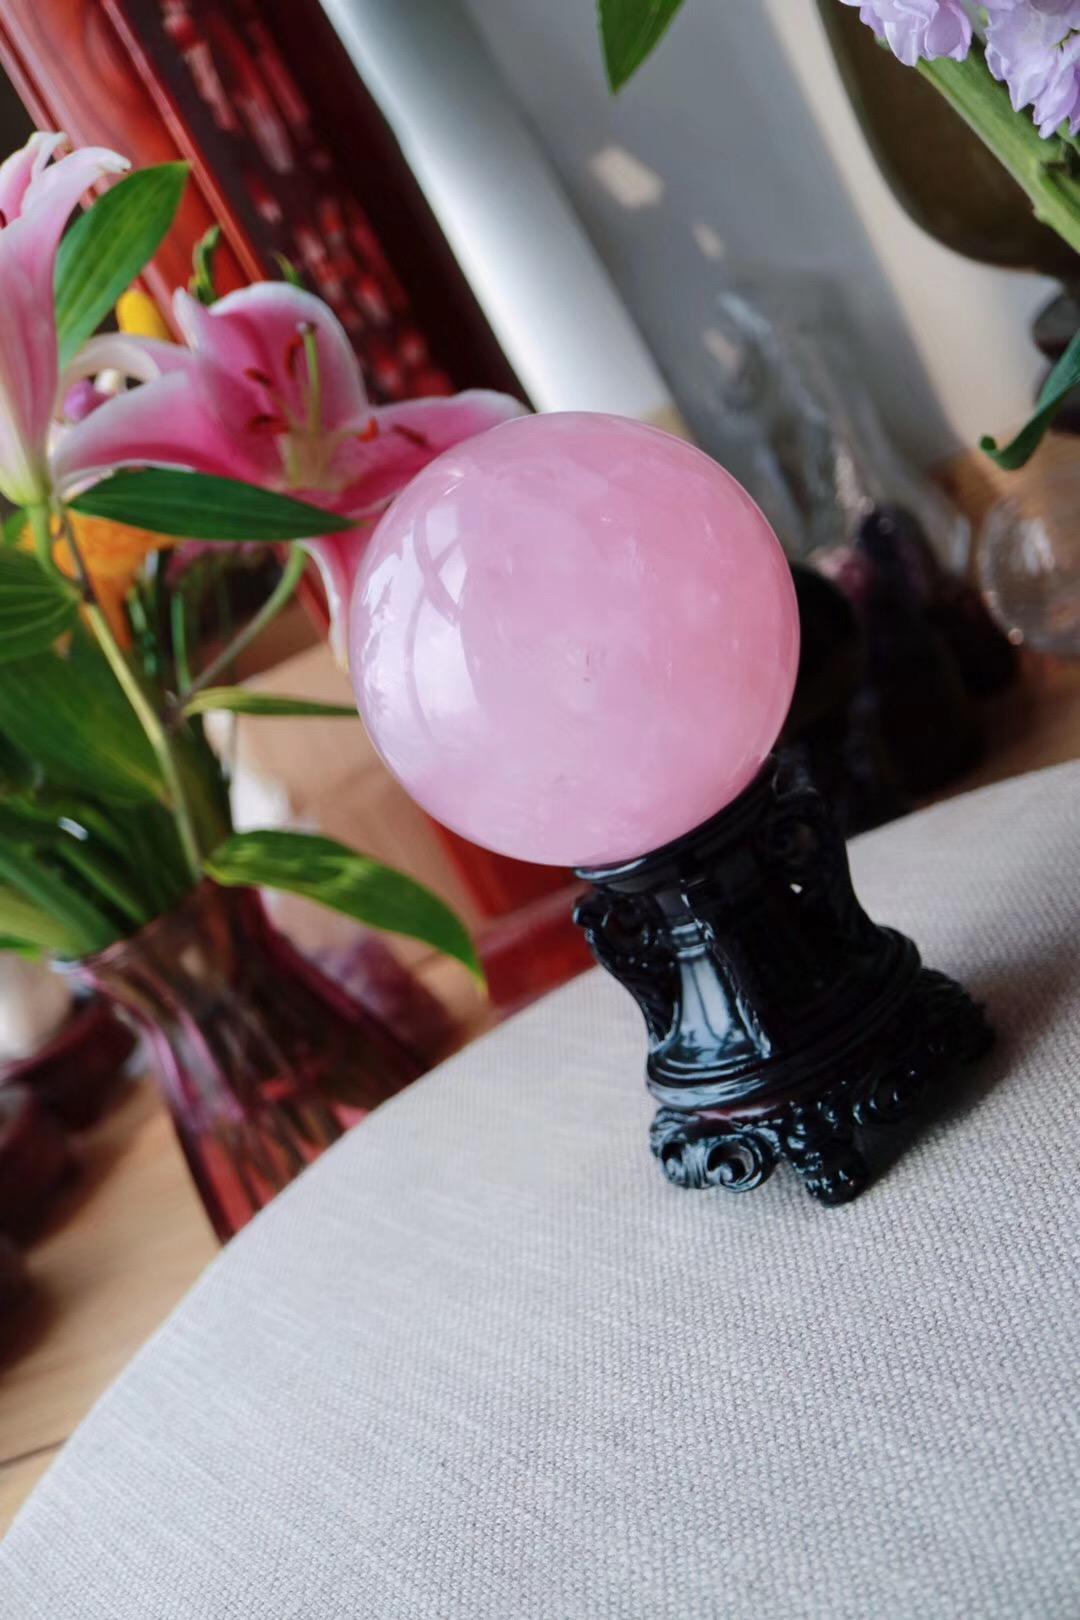 【菩心 | 粉晶球】粉晶是心轮的疗愈基础石-菩心晶舍